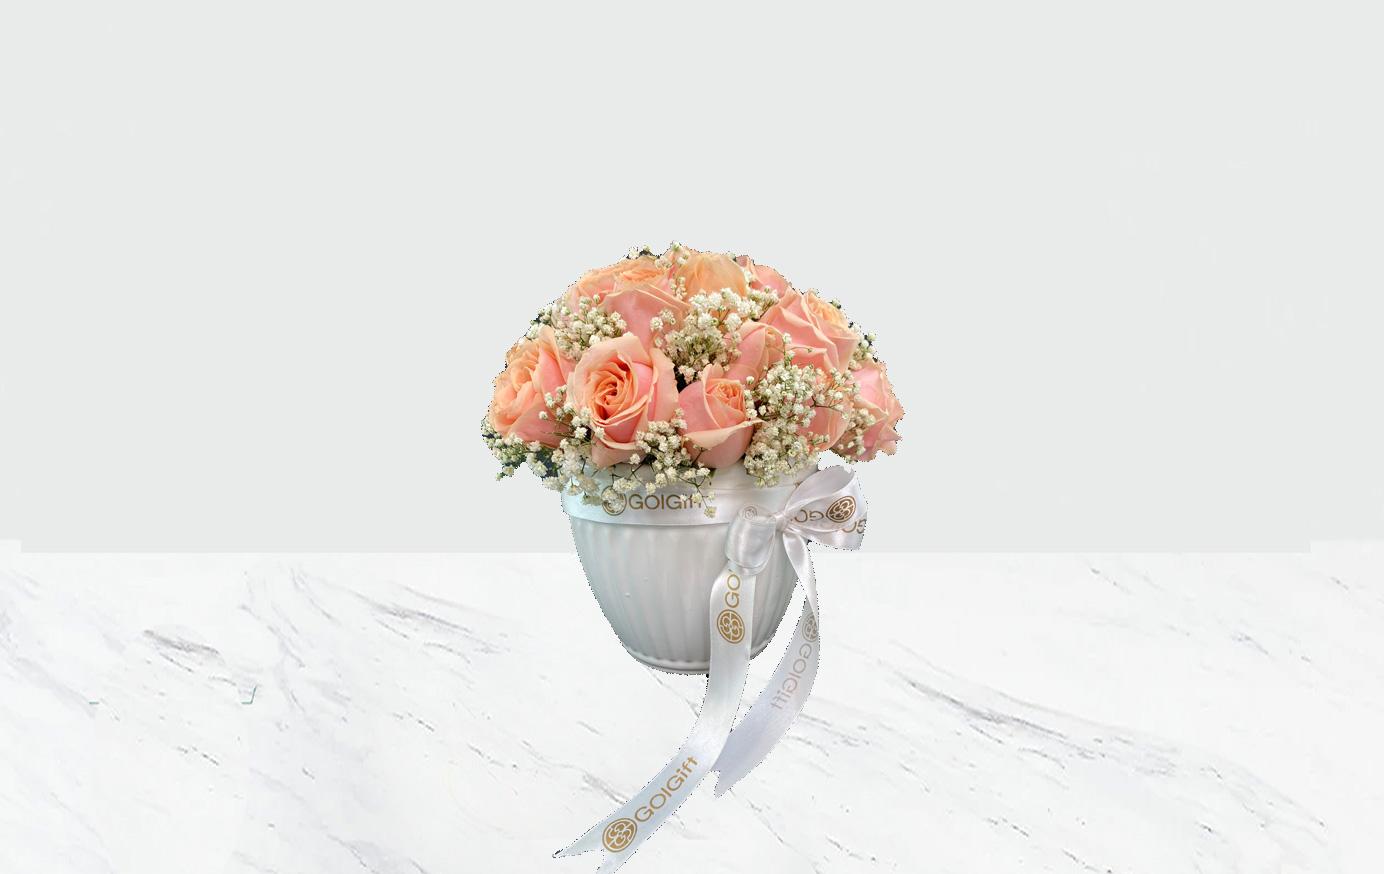 گلدان سرامیکی رز گلبهی